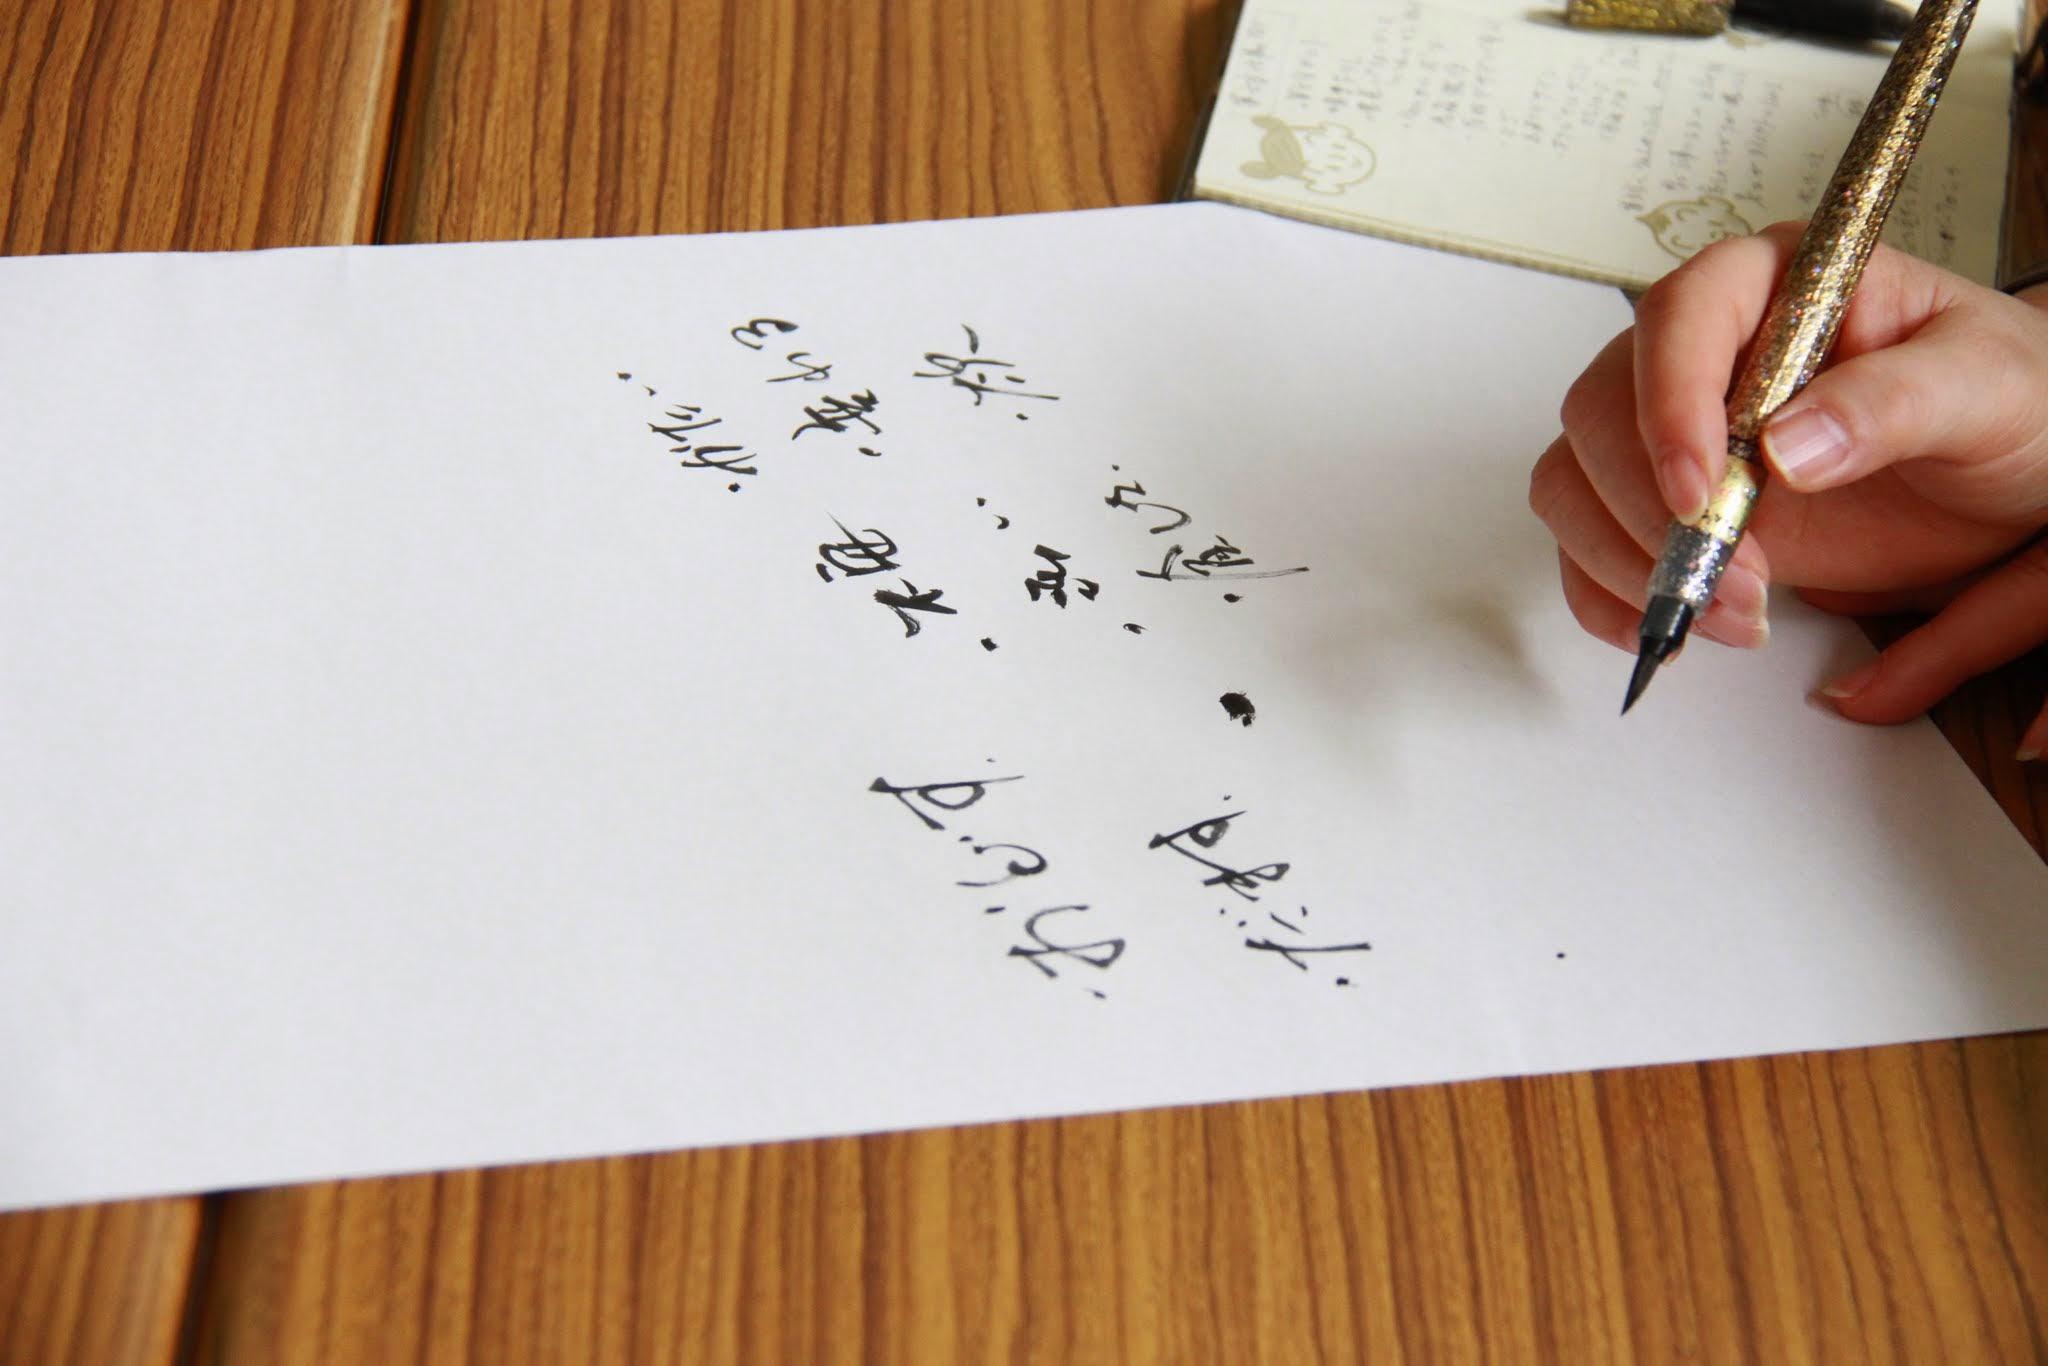 味のある筆文字